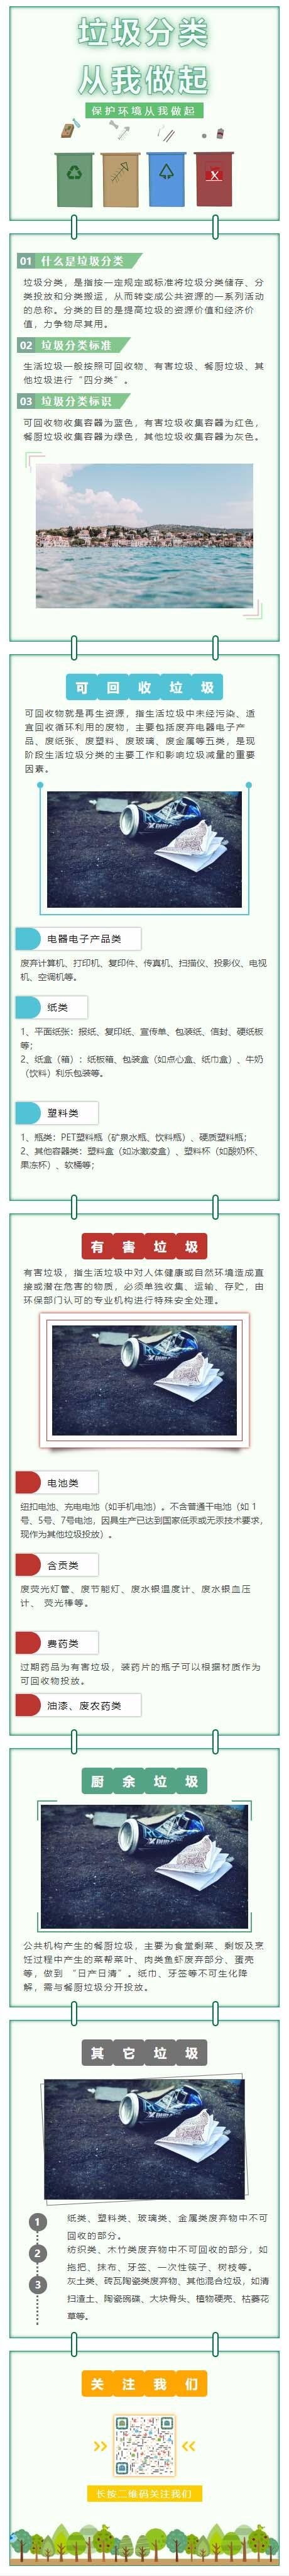 垃圾分类环境环保微信公众号素材模板绿色清新风格